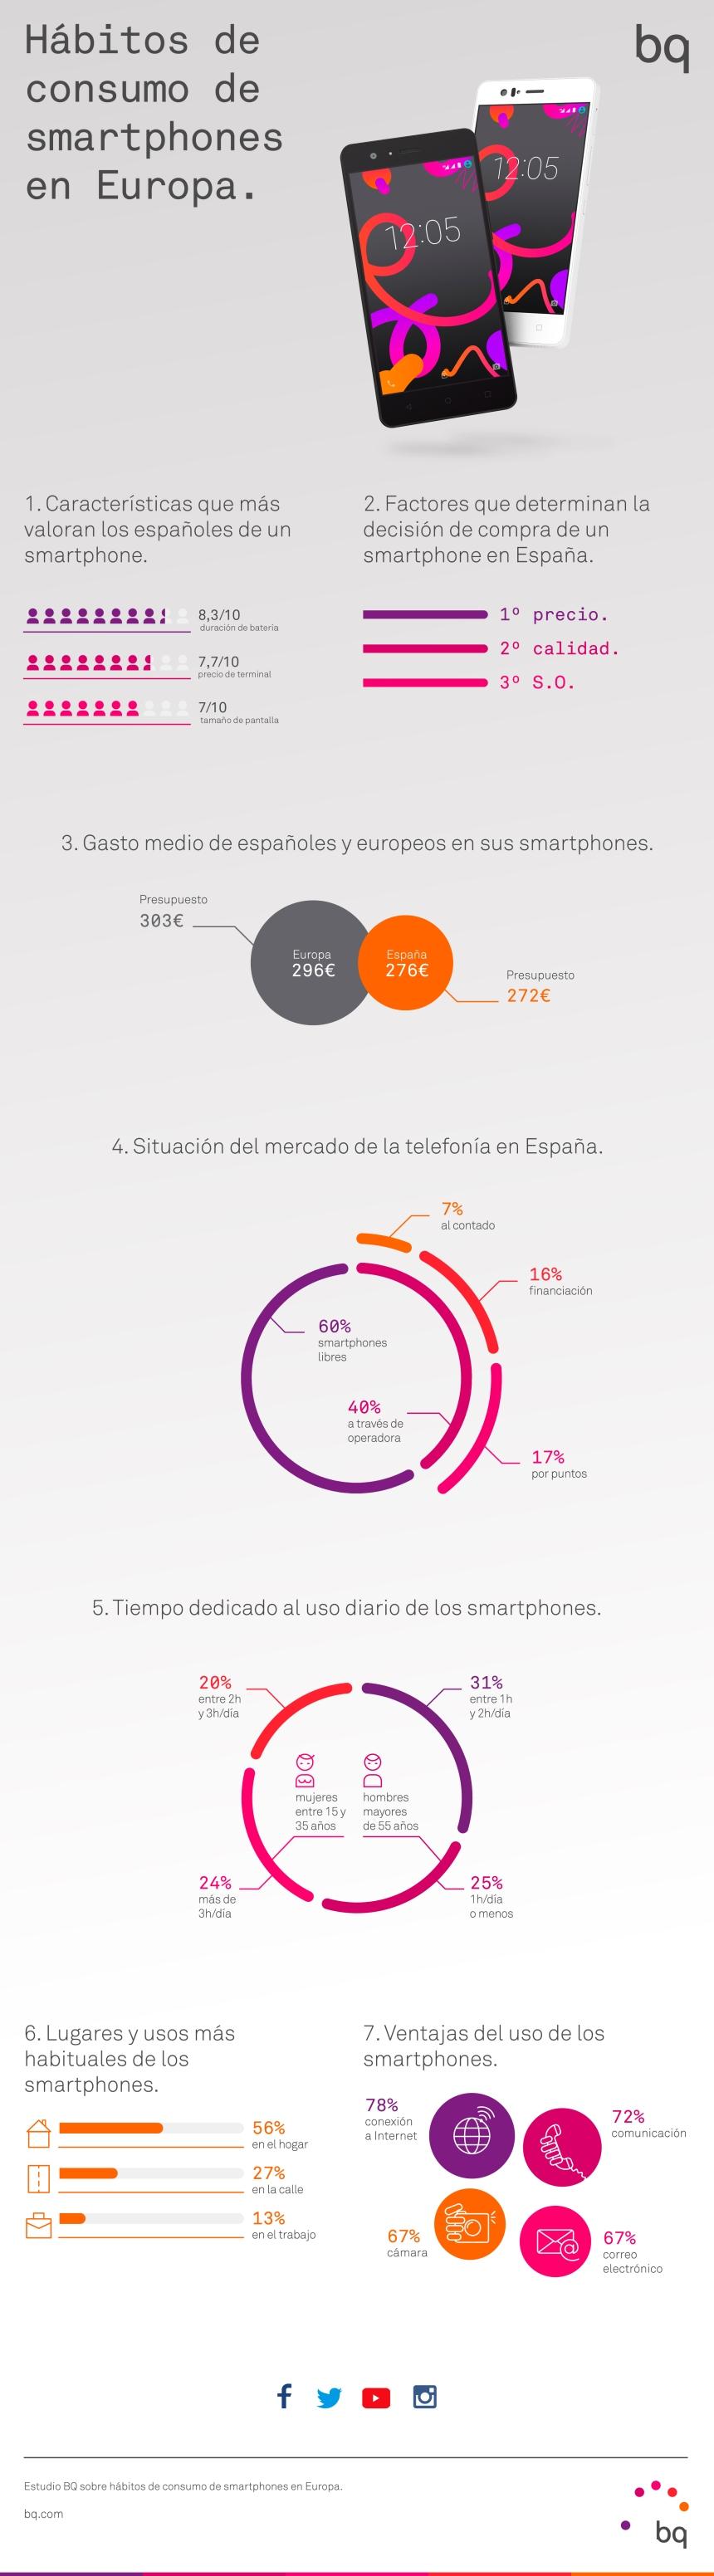 Hábitos de consumo de smartphones en España